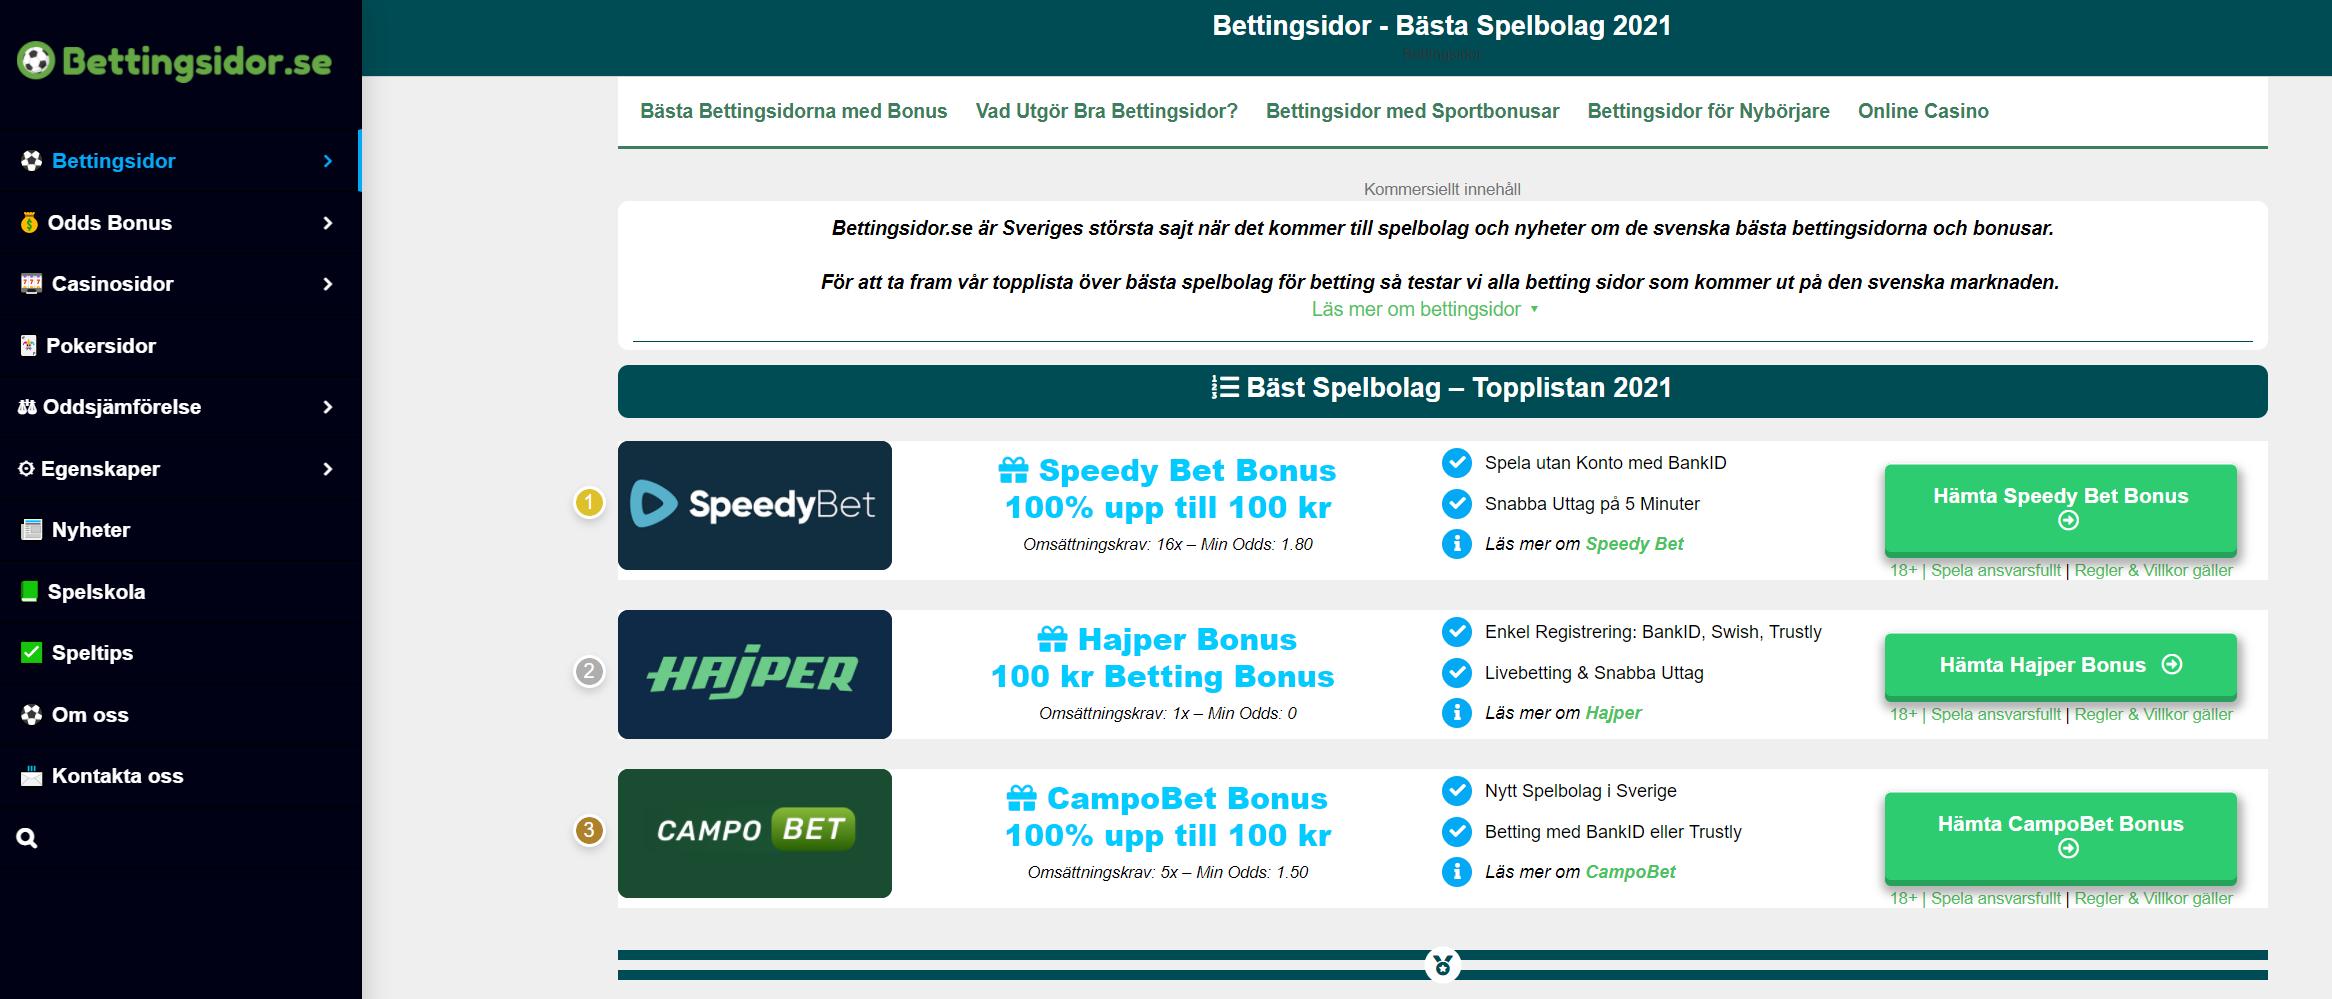 Bettingsidor med bonus extra 64138